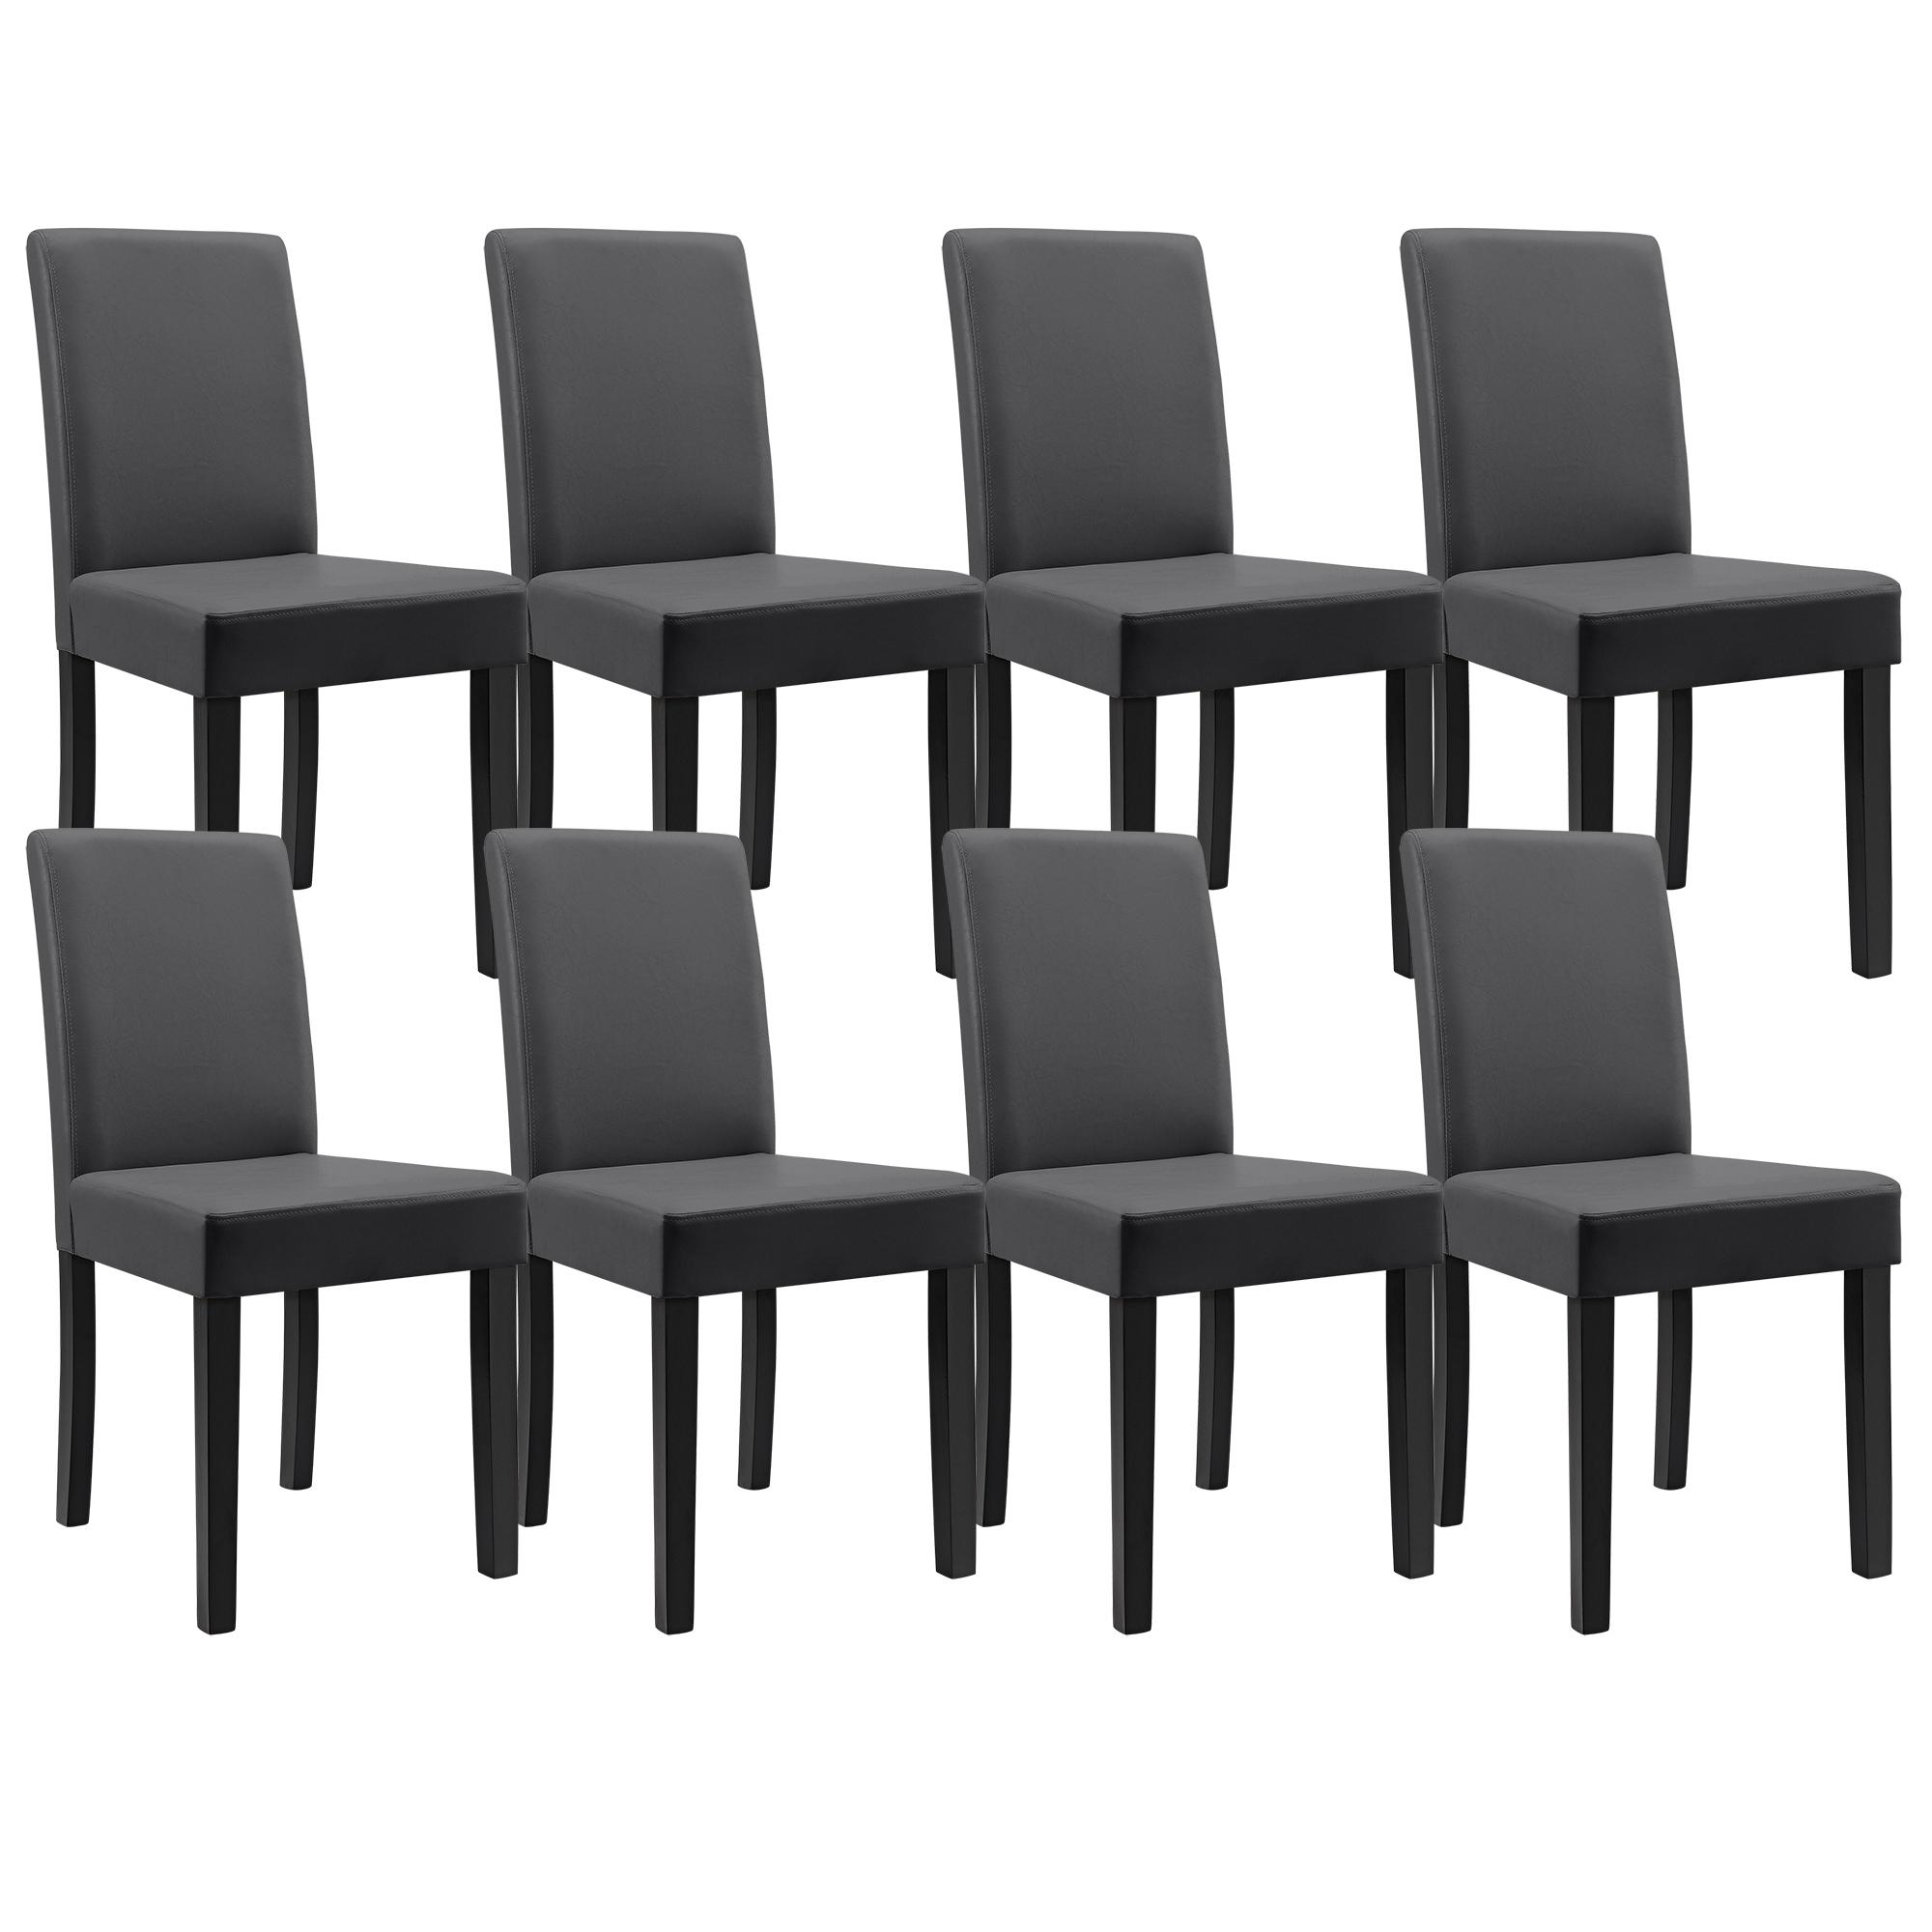 8x chaises dossier haut salle manger gris fonc for Chaises salle manger cuir dossier haut